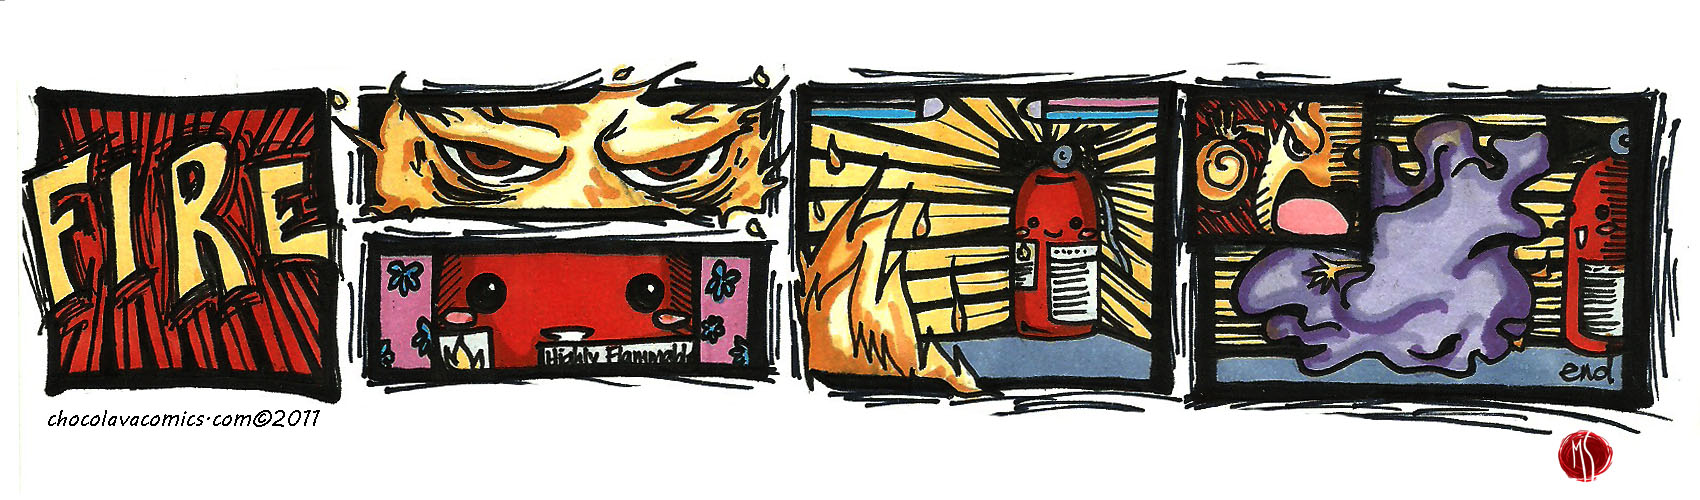 PFFT #24: FIRE